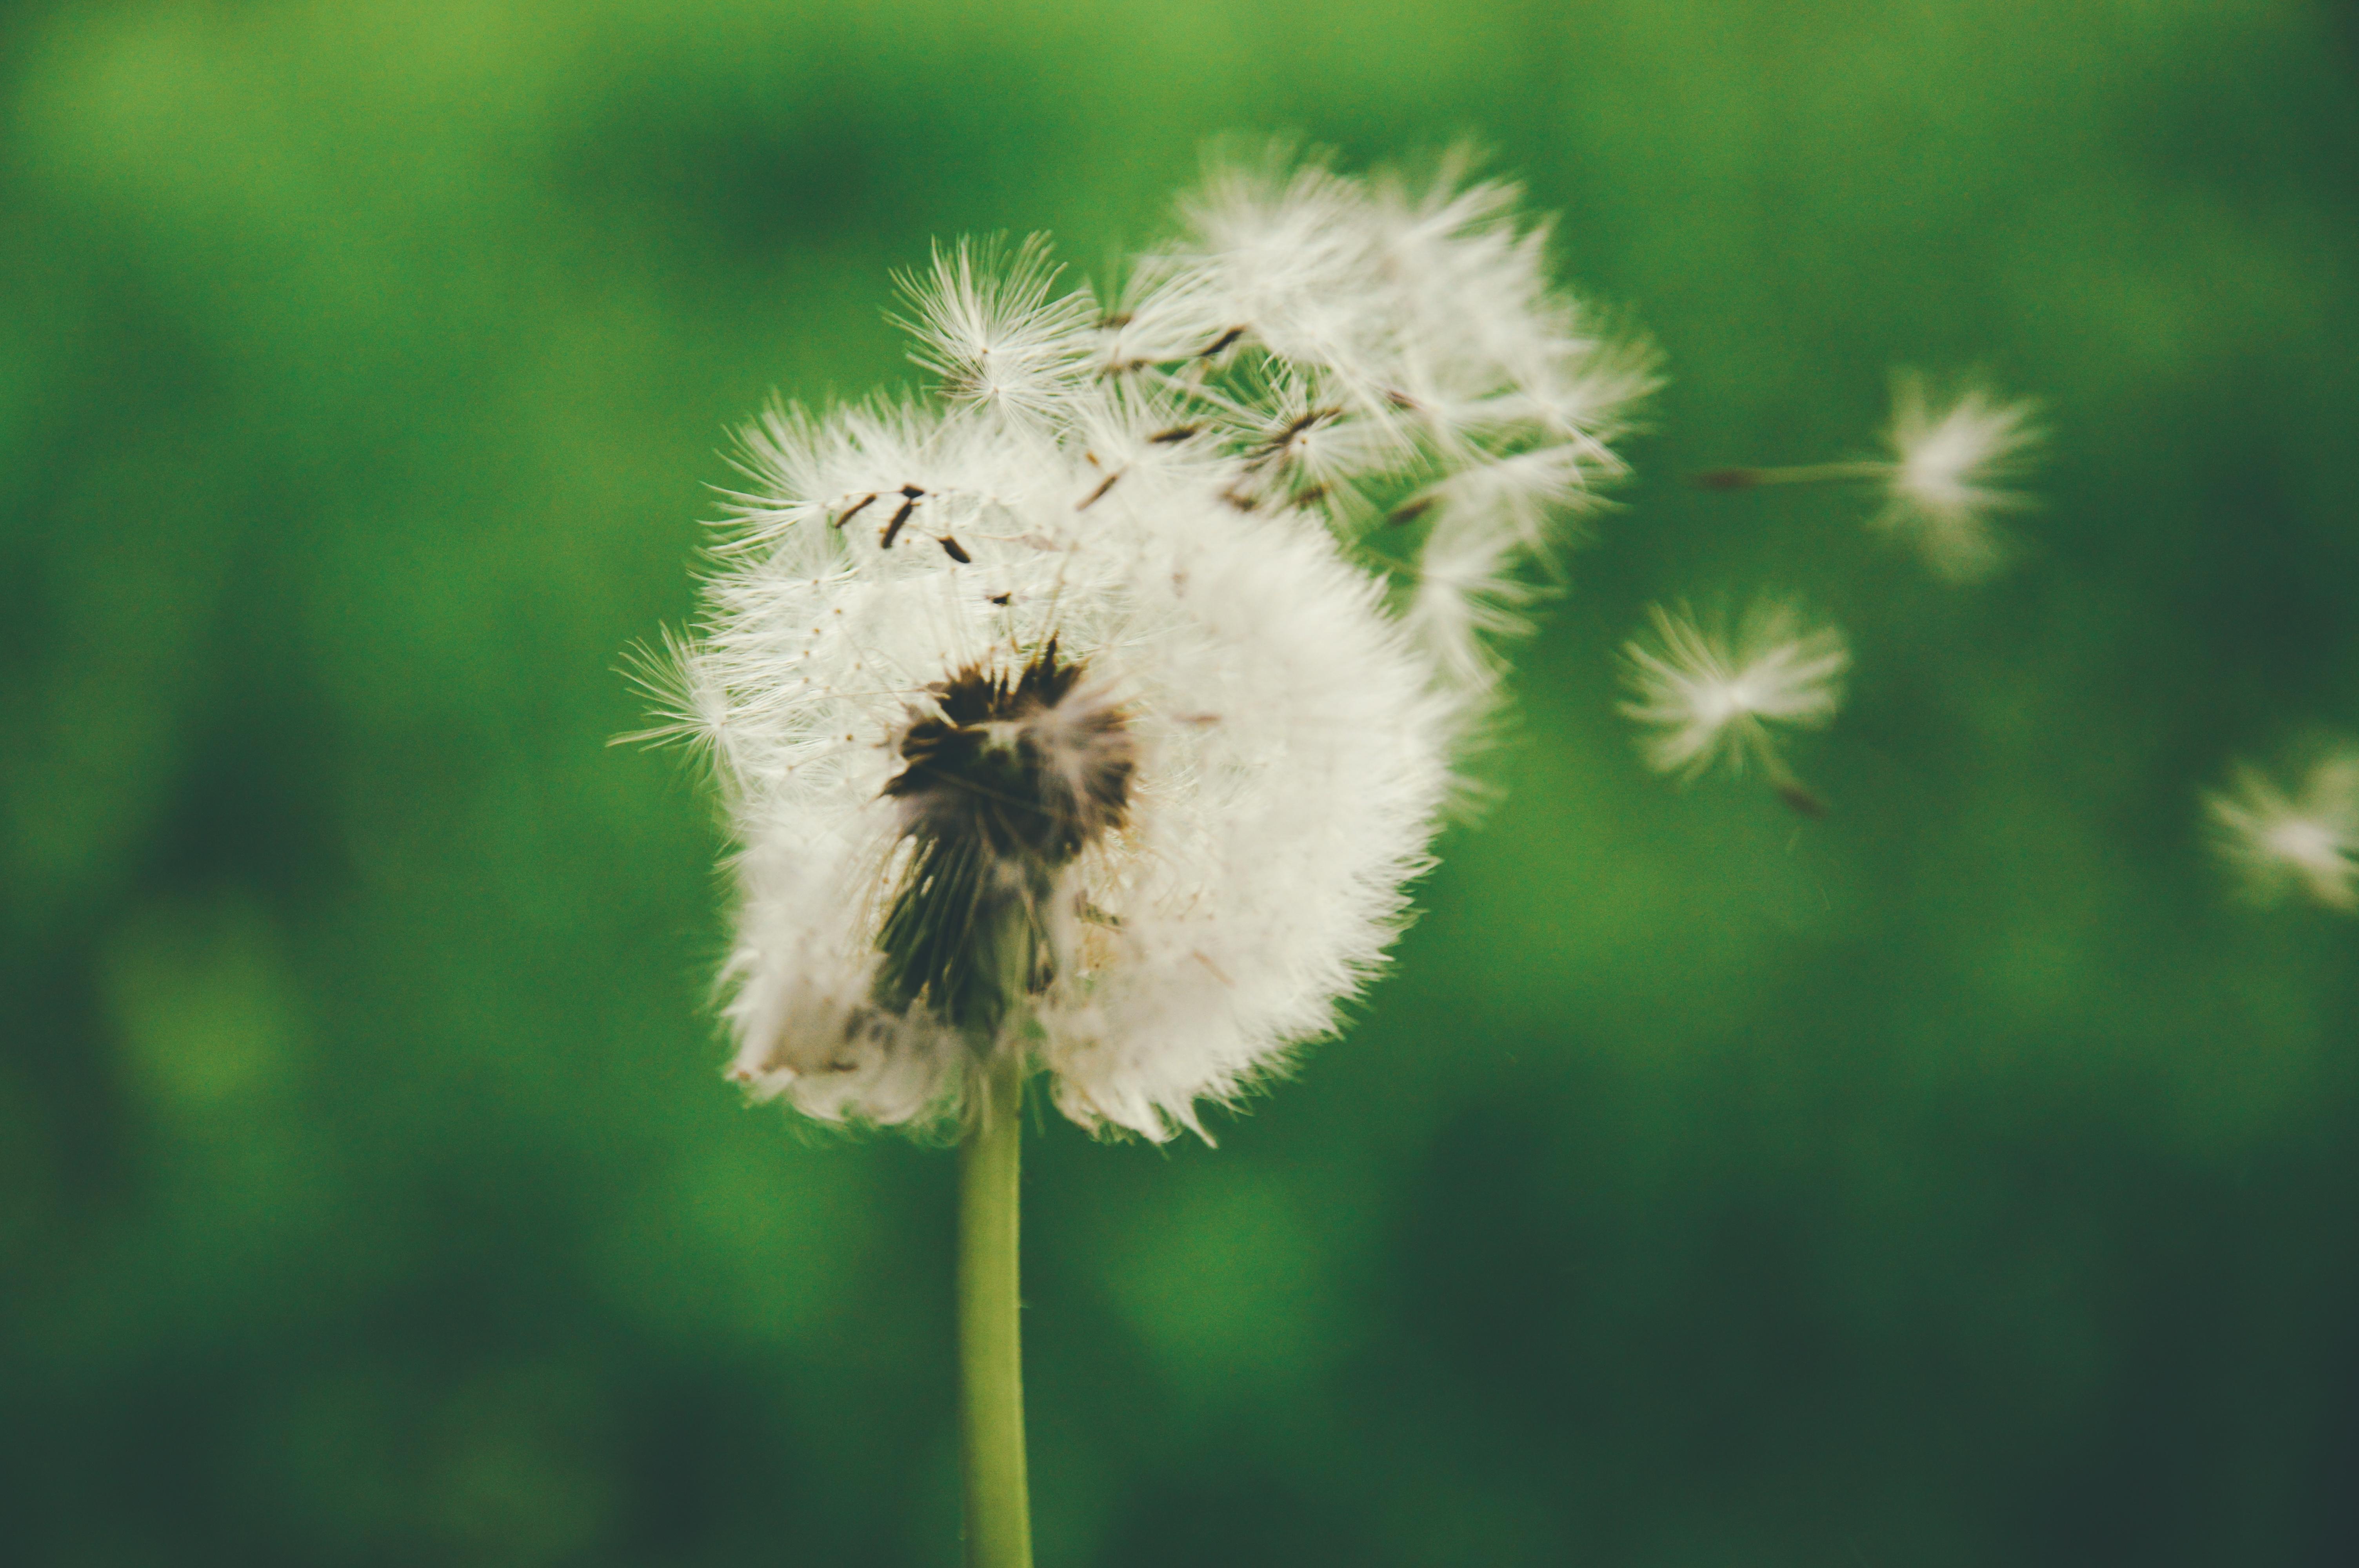 Free stock photos of dandelion · Pexels